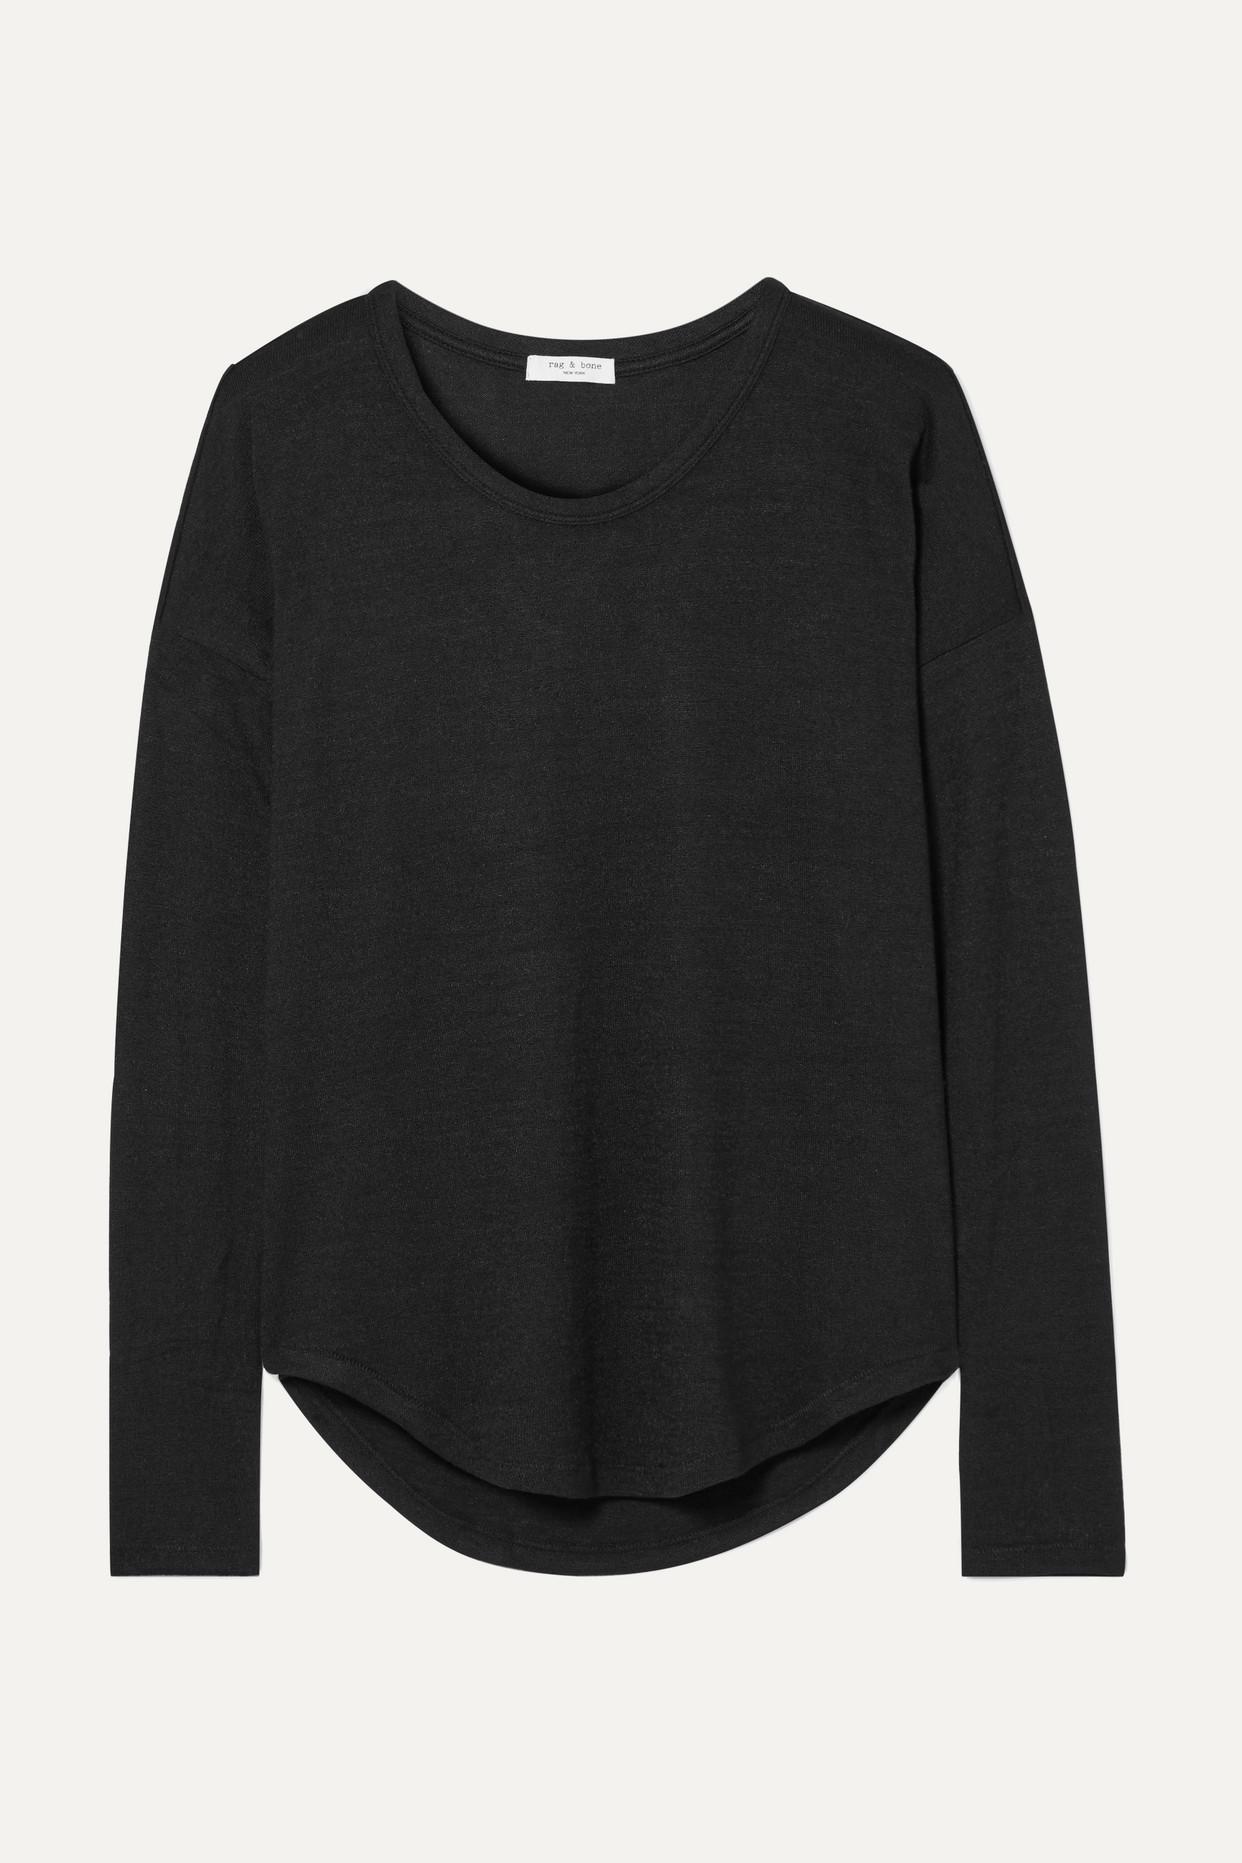 RAG & BONE - Hudson 弹力平纹布上衣 - 黑色 - medium